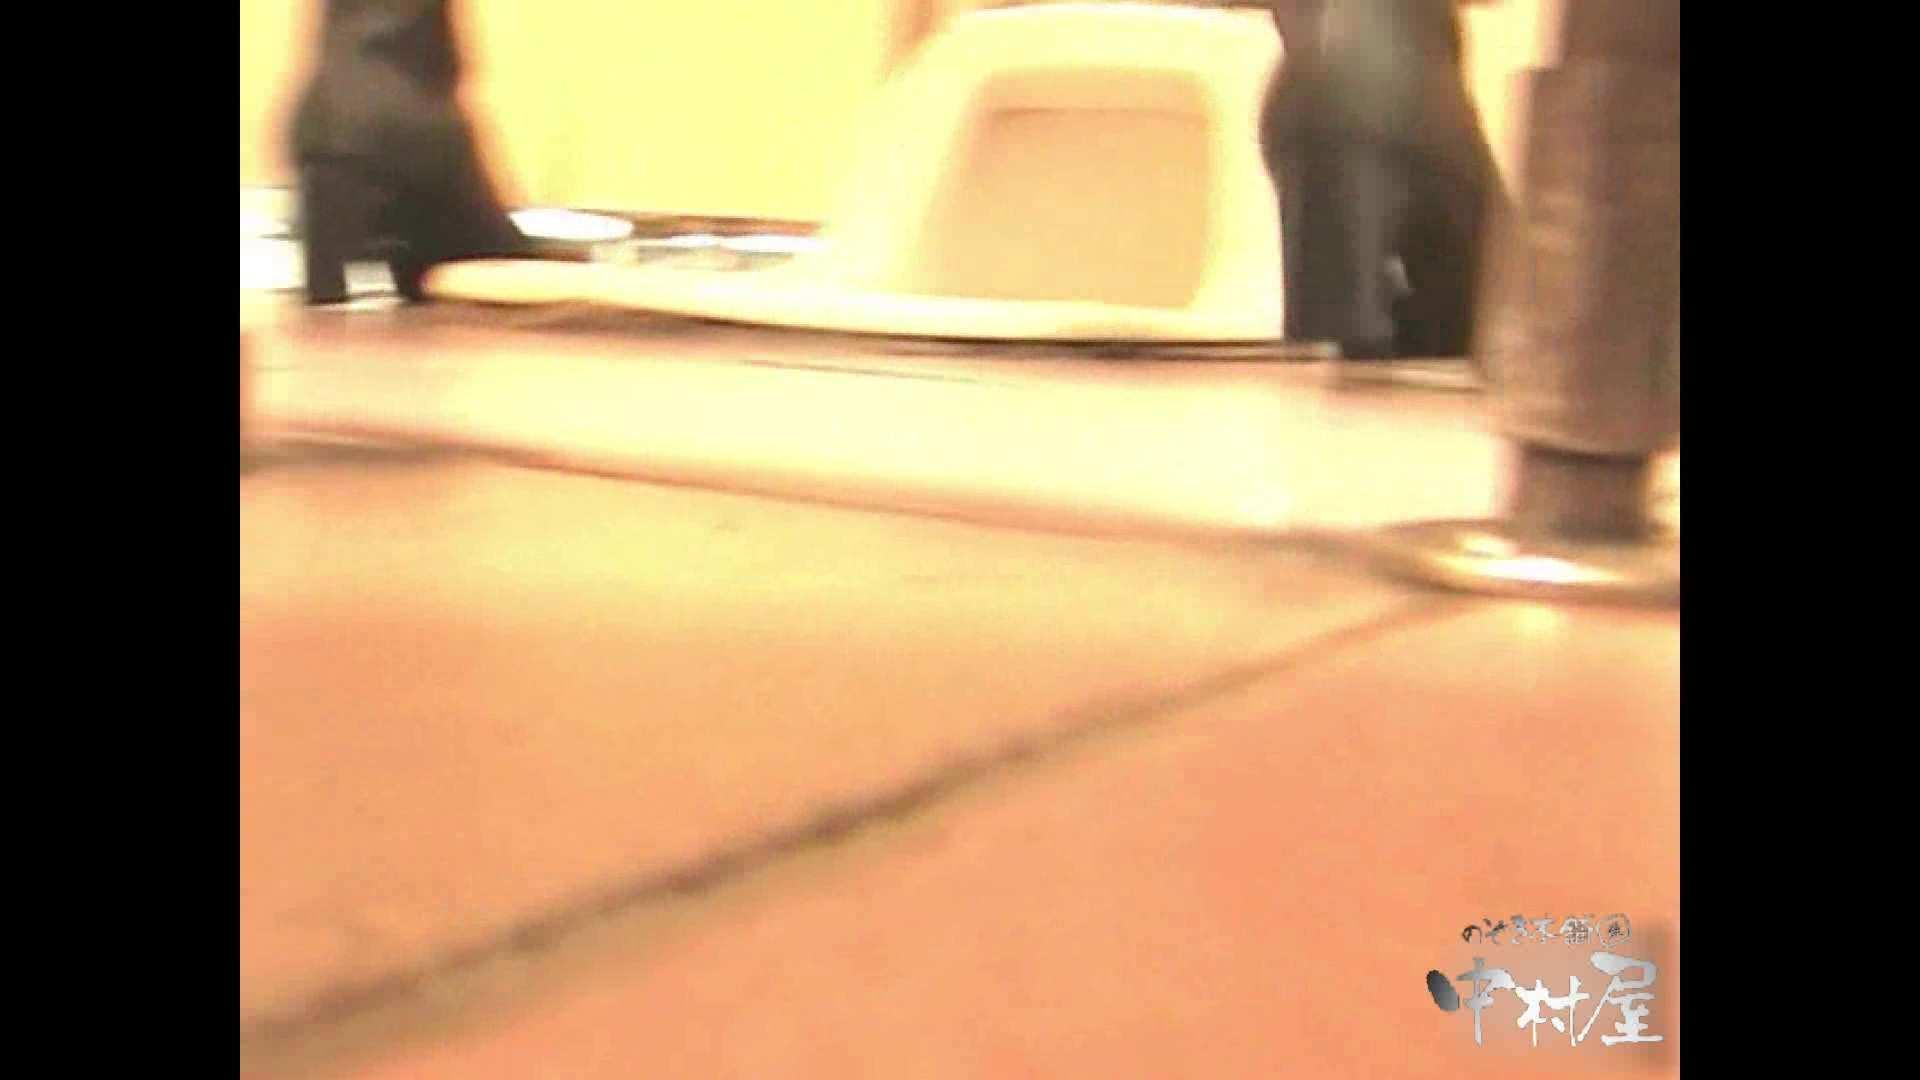 岩手県在住盗撮師盗撮記録vol.02 マンコ 盗撮動画紹介 53連発 14